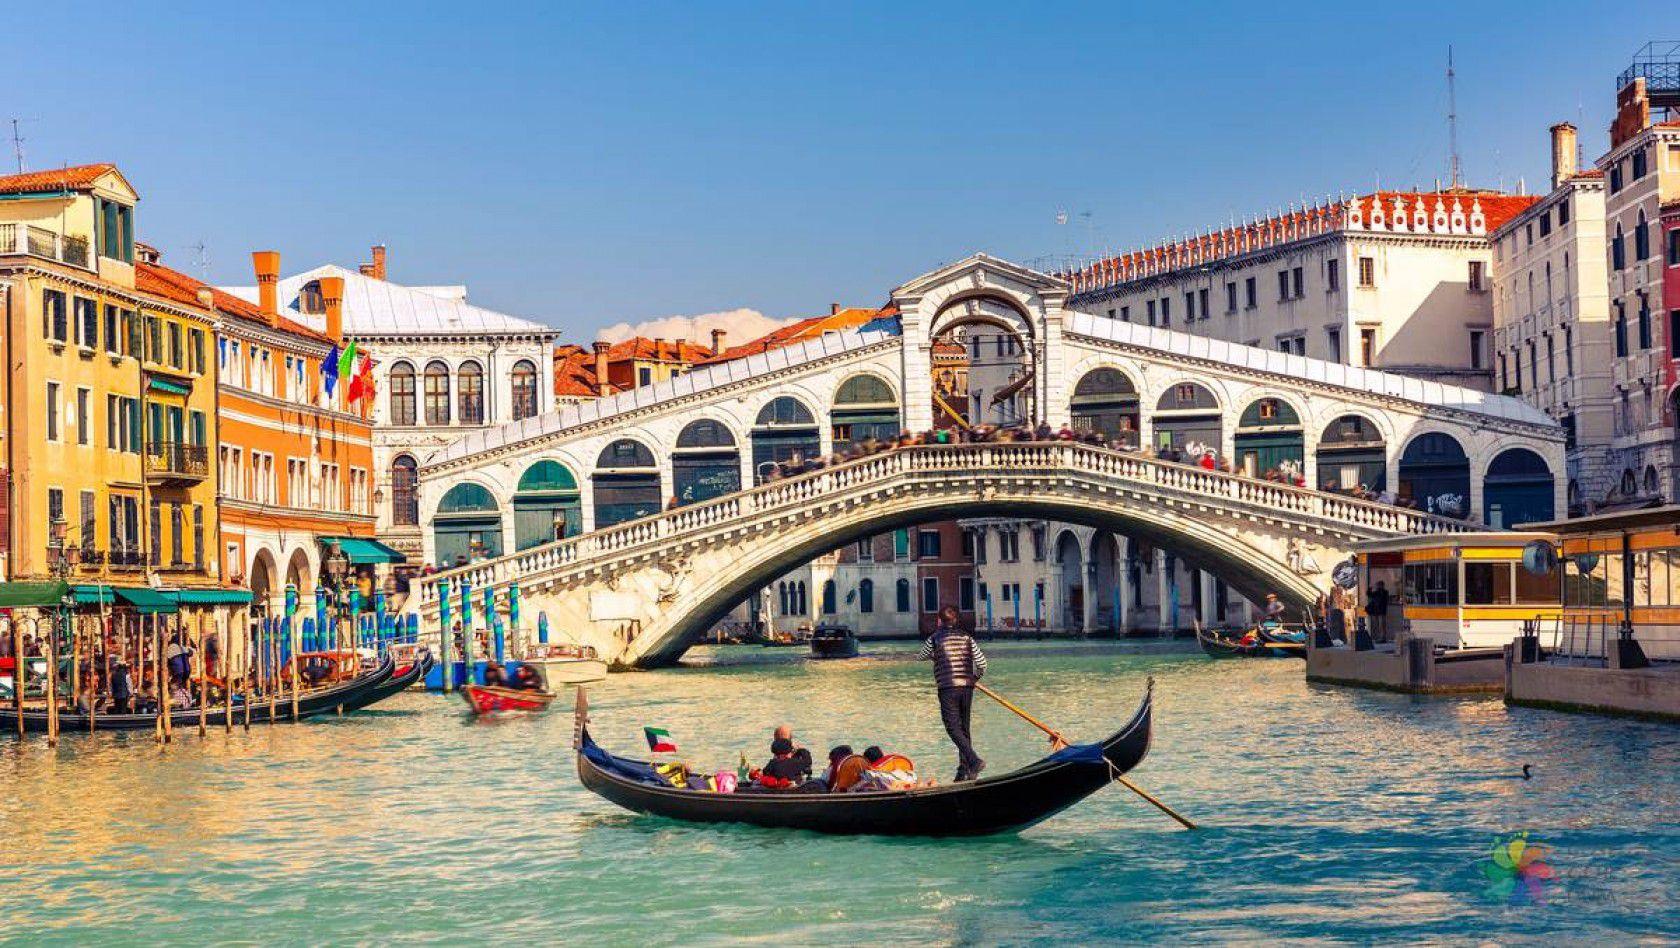 İtalya'da ortaokul eğitimi almak isteyenleri bekleyen süreçler